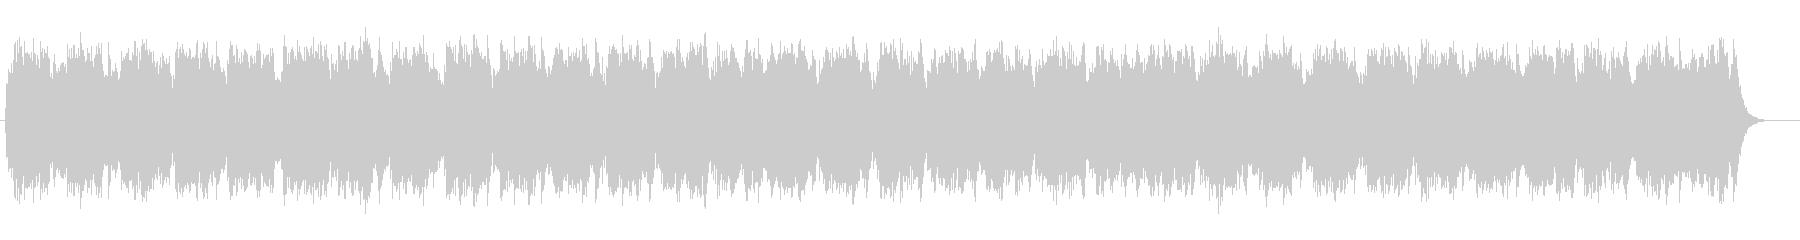 シンセサイザー彩る安らぎのミュージックの未再生の波形